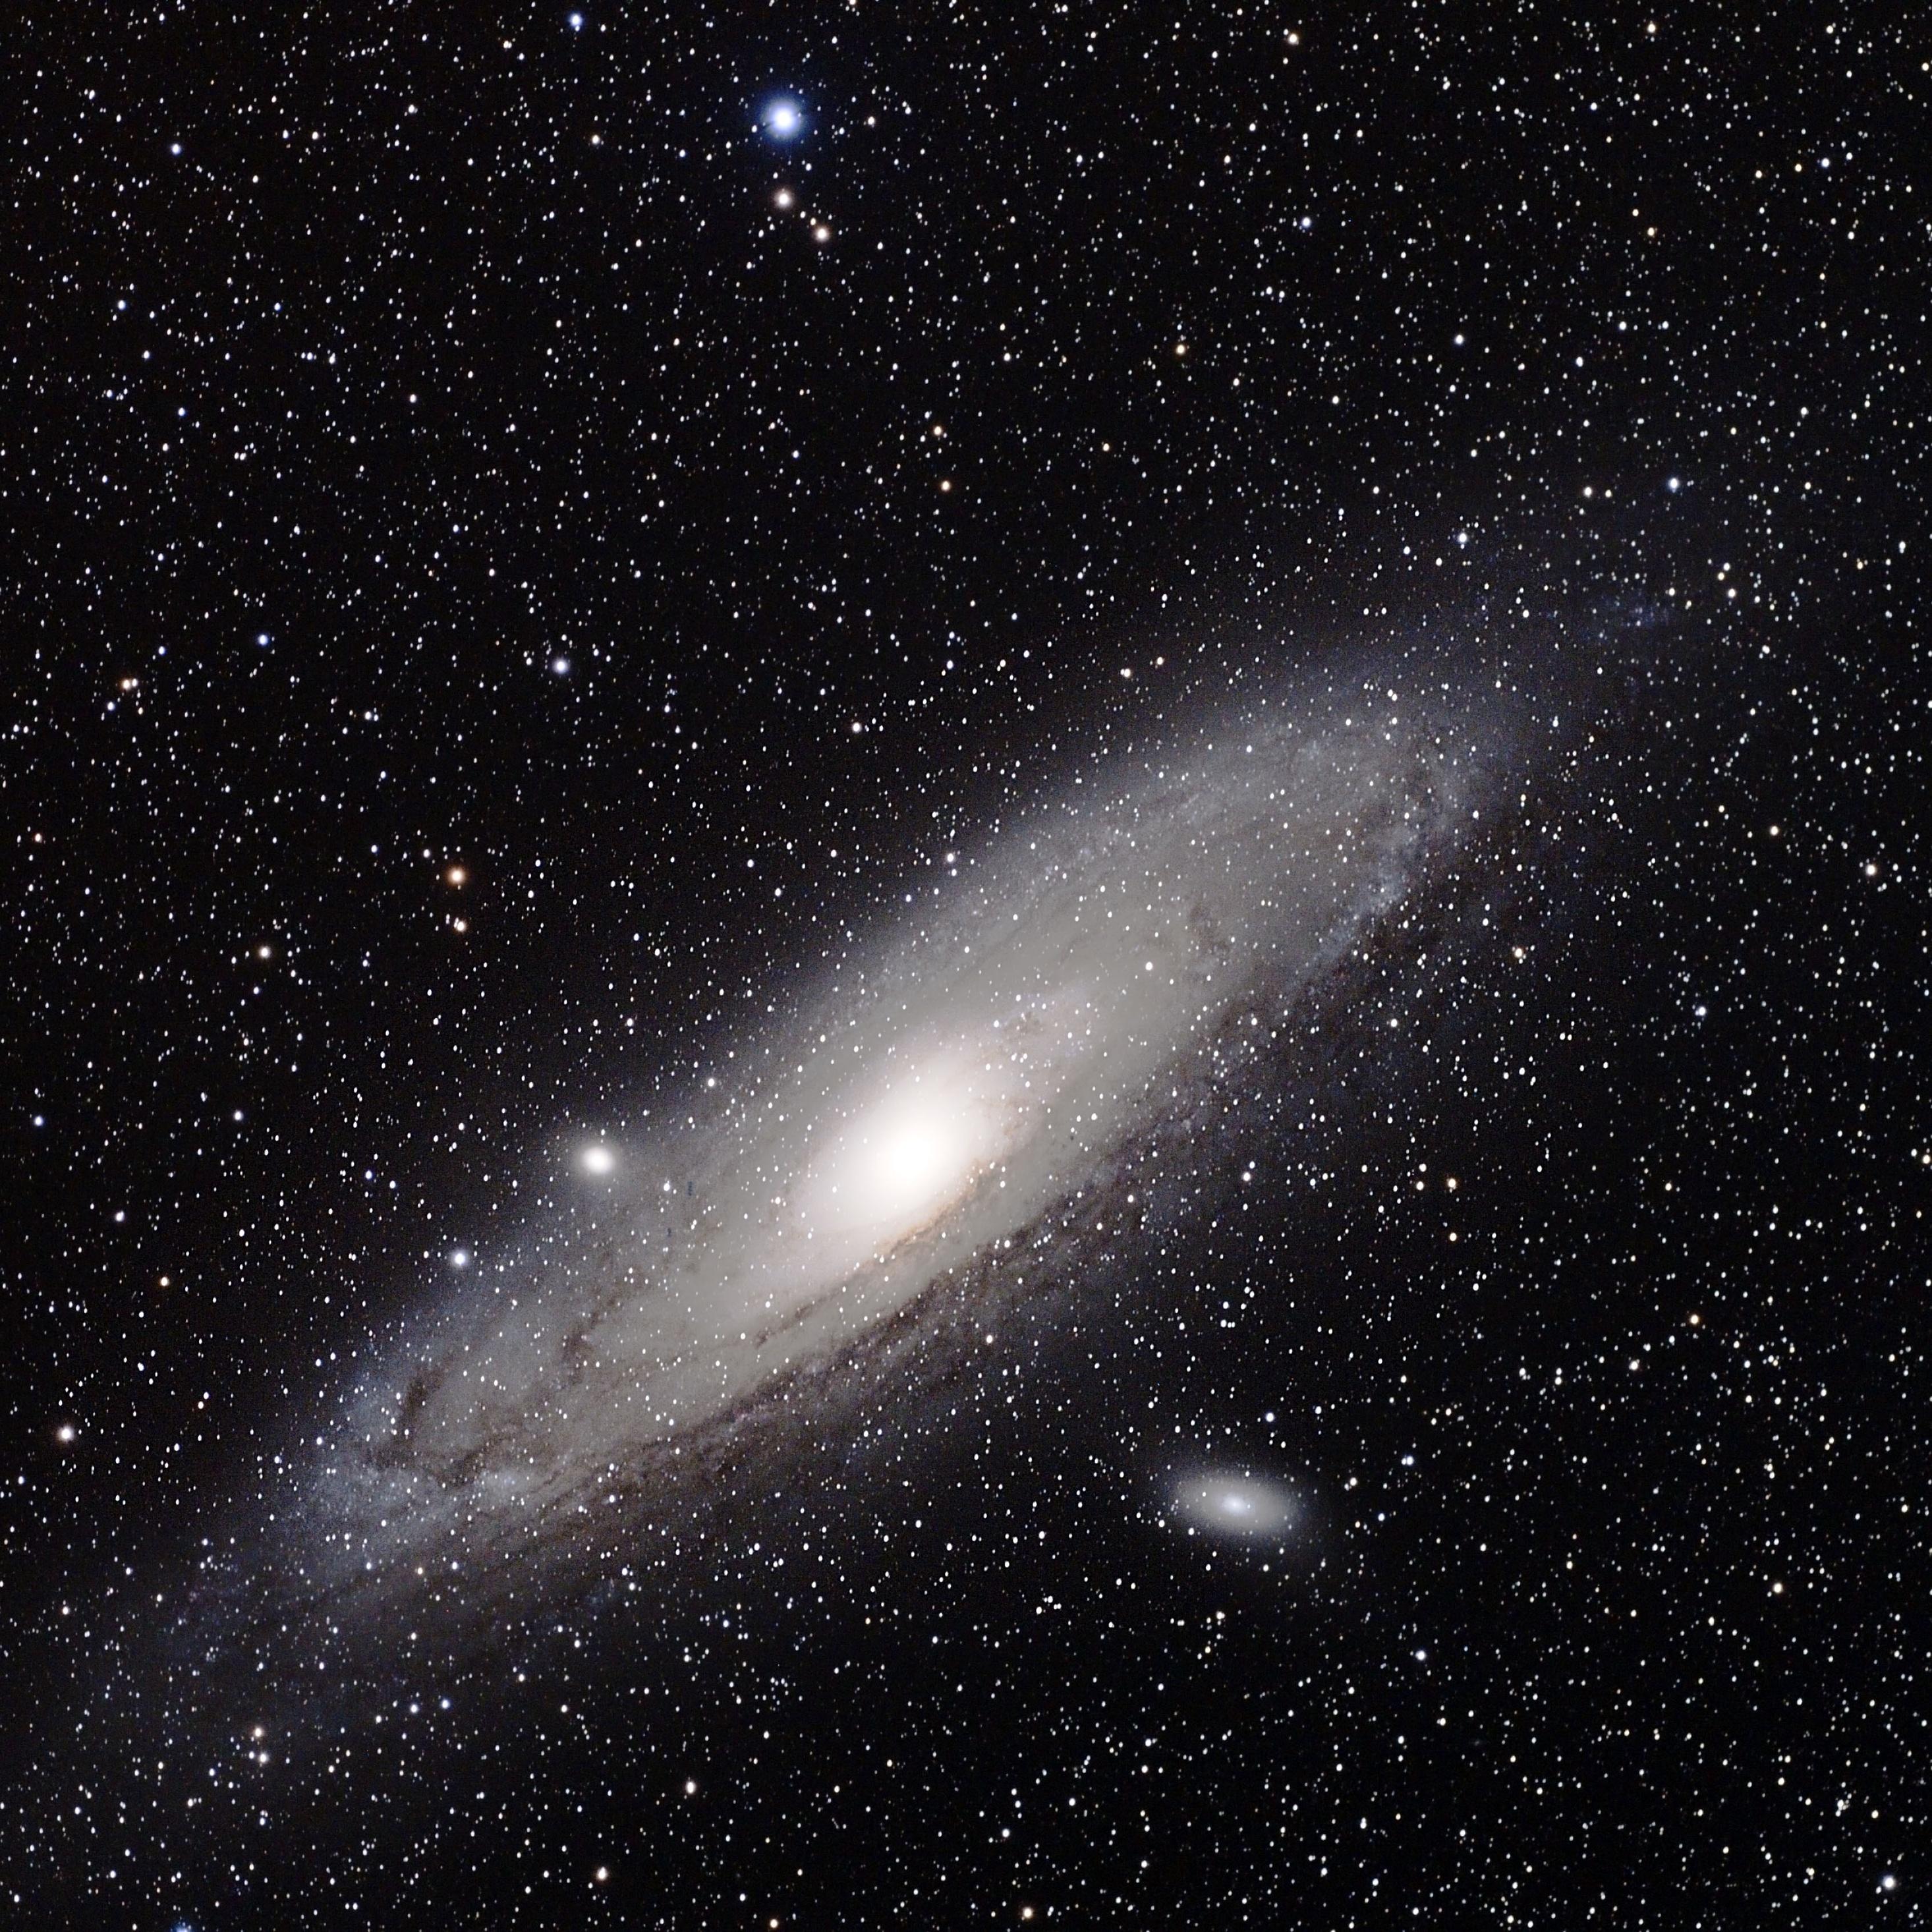 galaxy stars space dark background 5k 3d